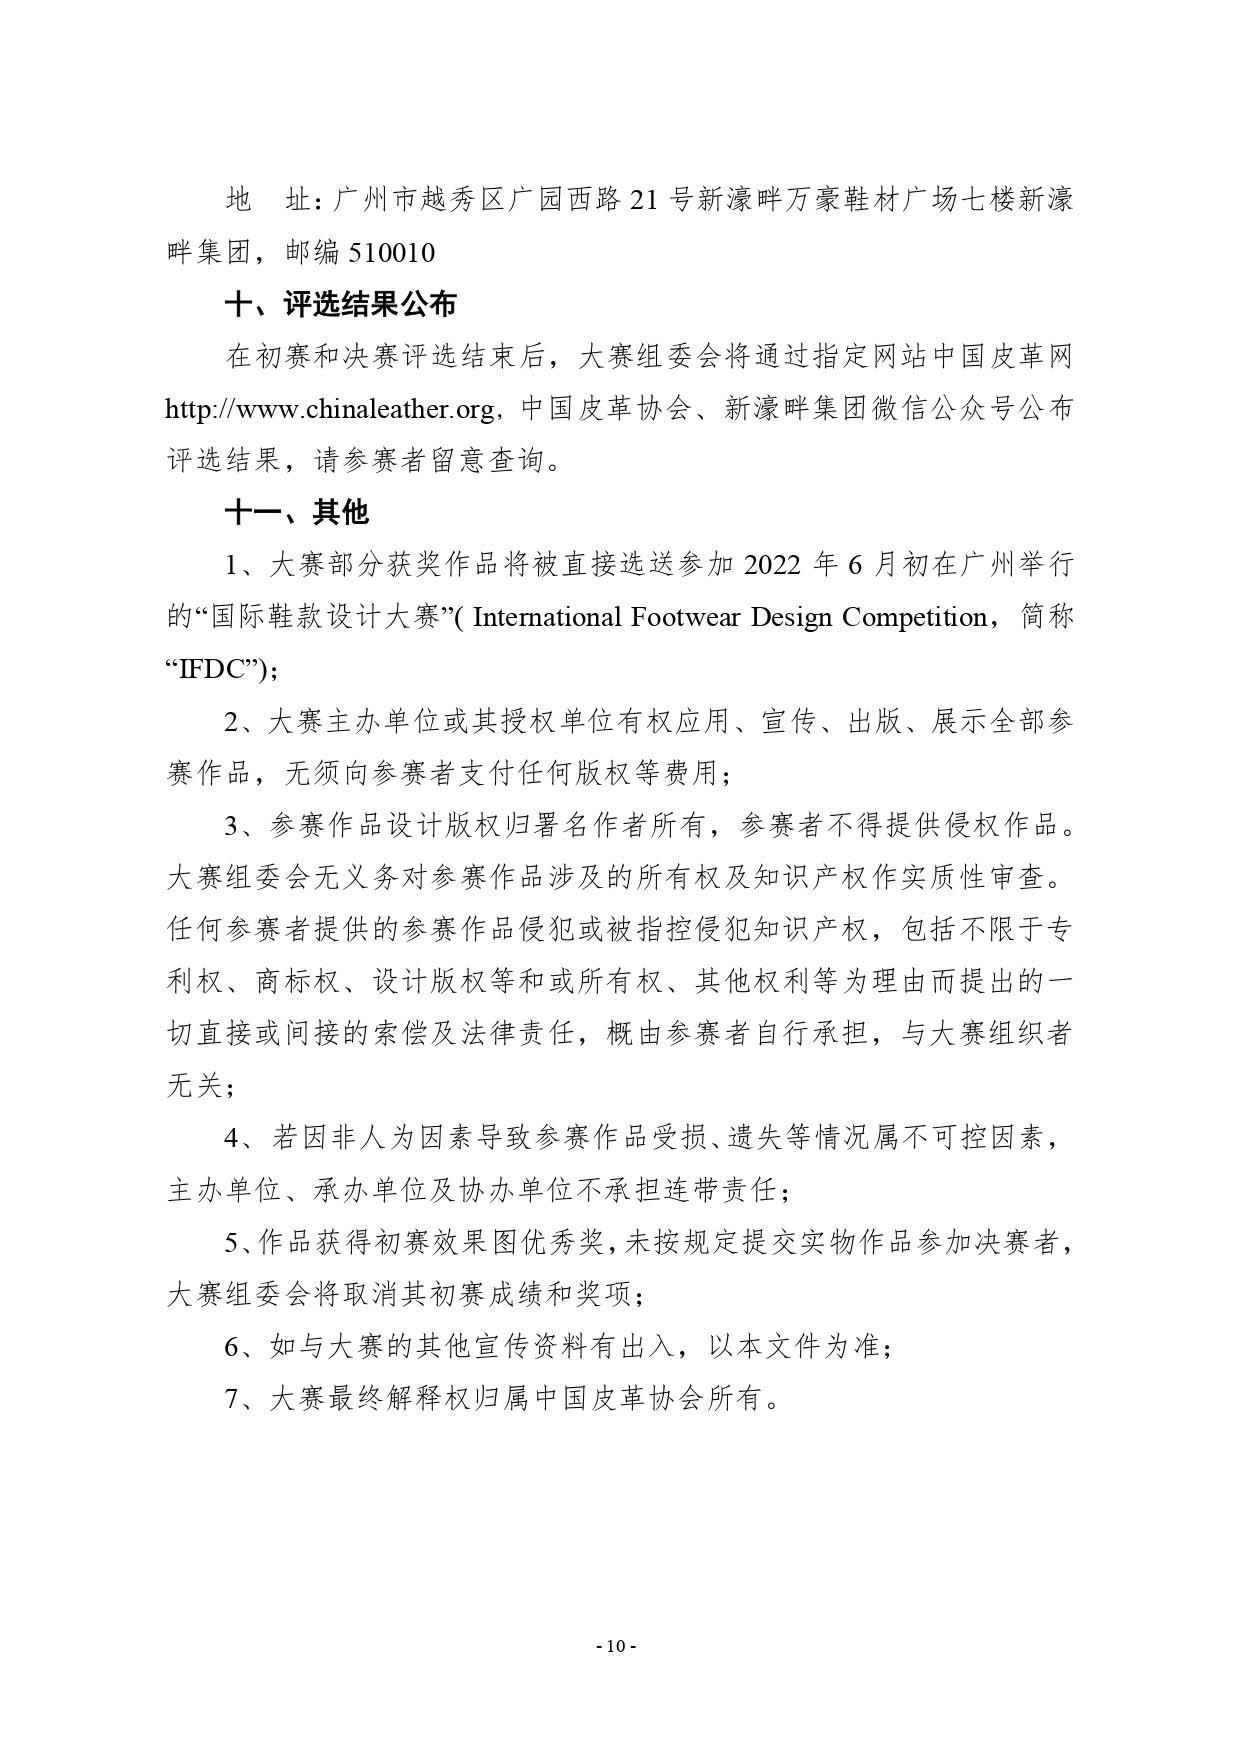 第二十四届(2021)真皮标志杯鞋类大赛通知2020.11.25.印刷版_page-0010.jpg